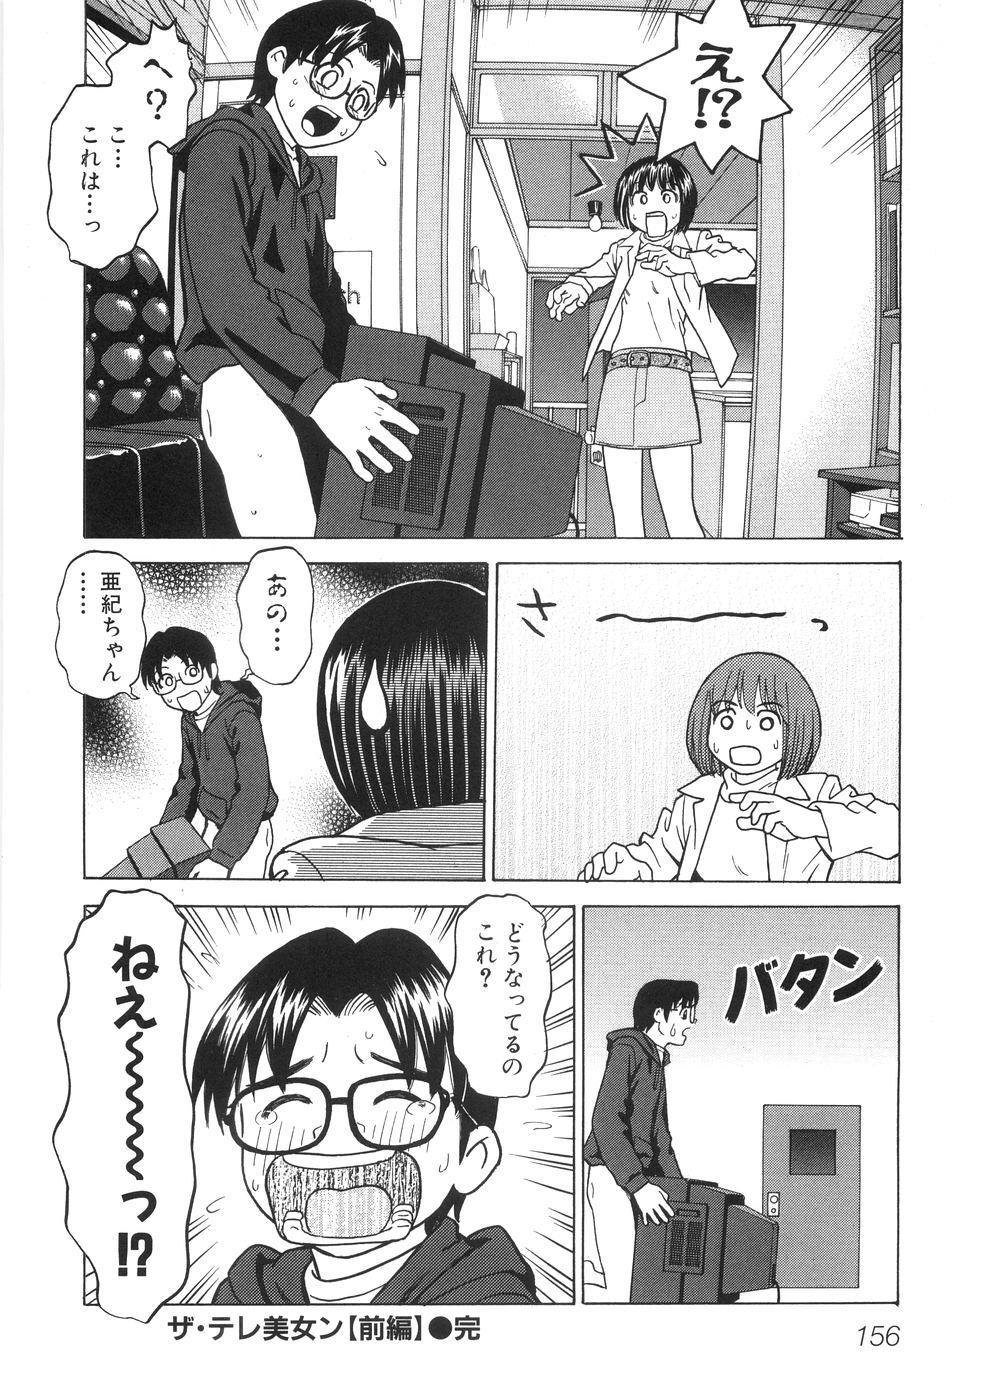 Hitoriyogari 162